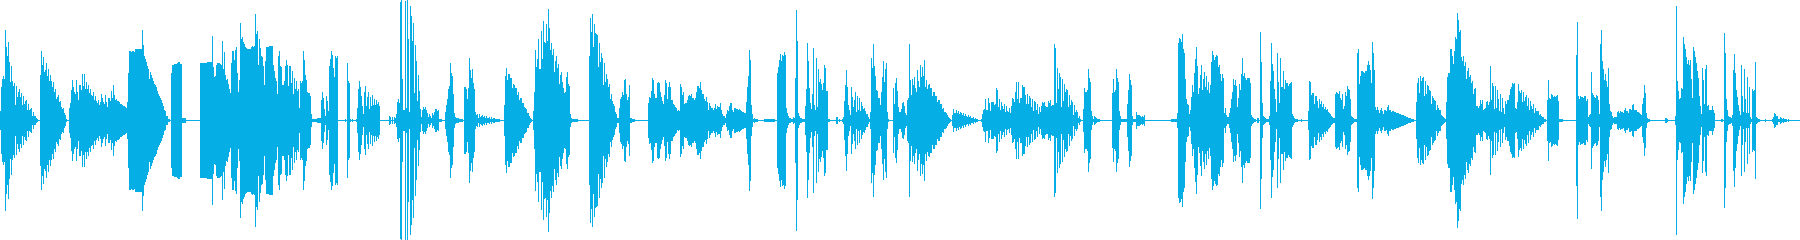 ヘビーチャンネルサーフィン通信干渉の再生済みの波形